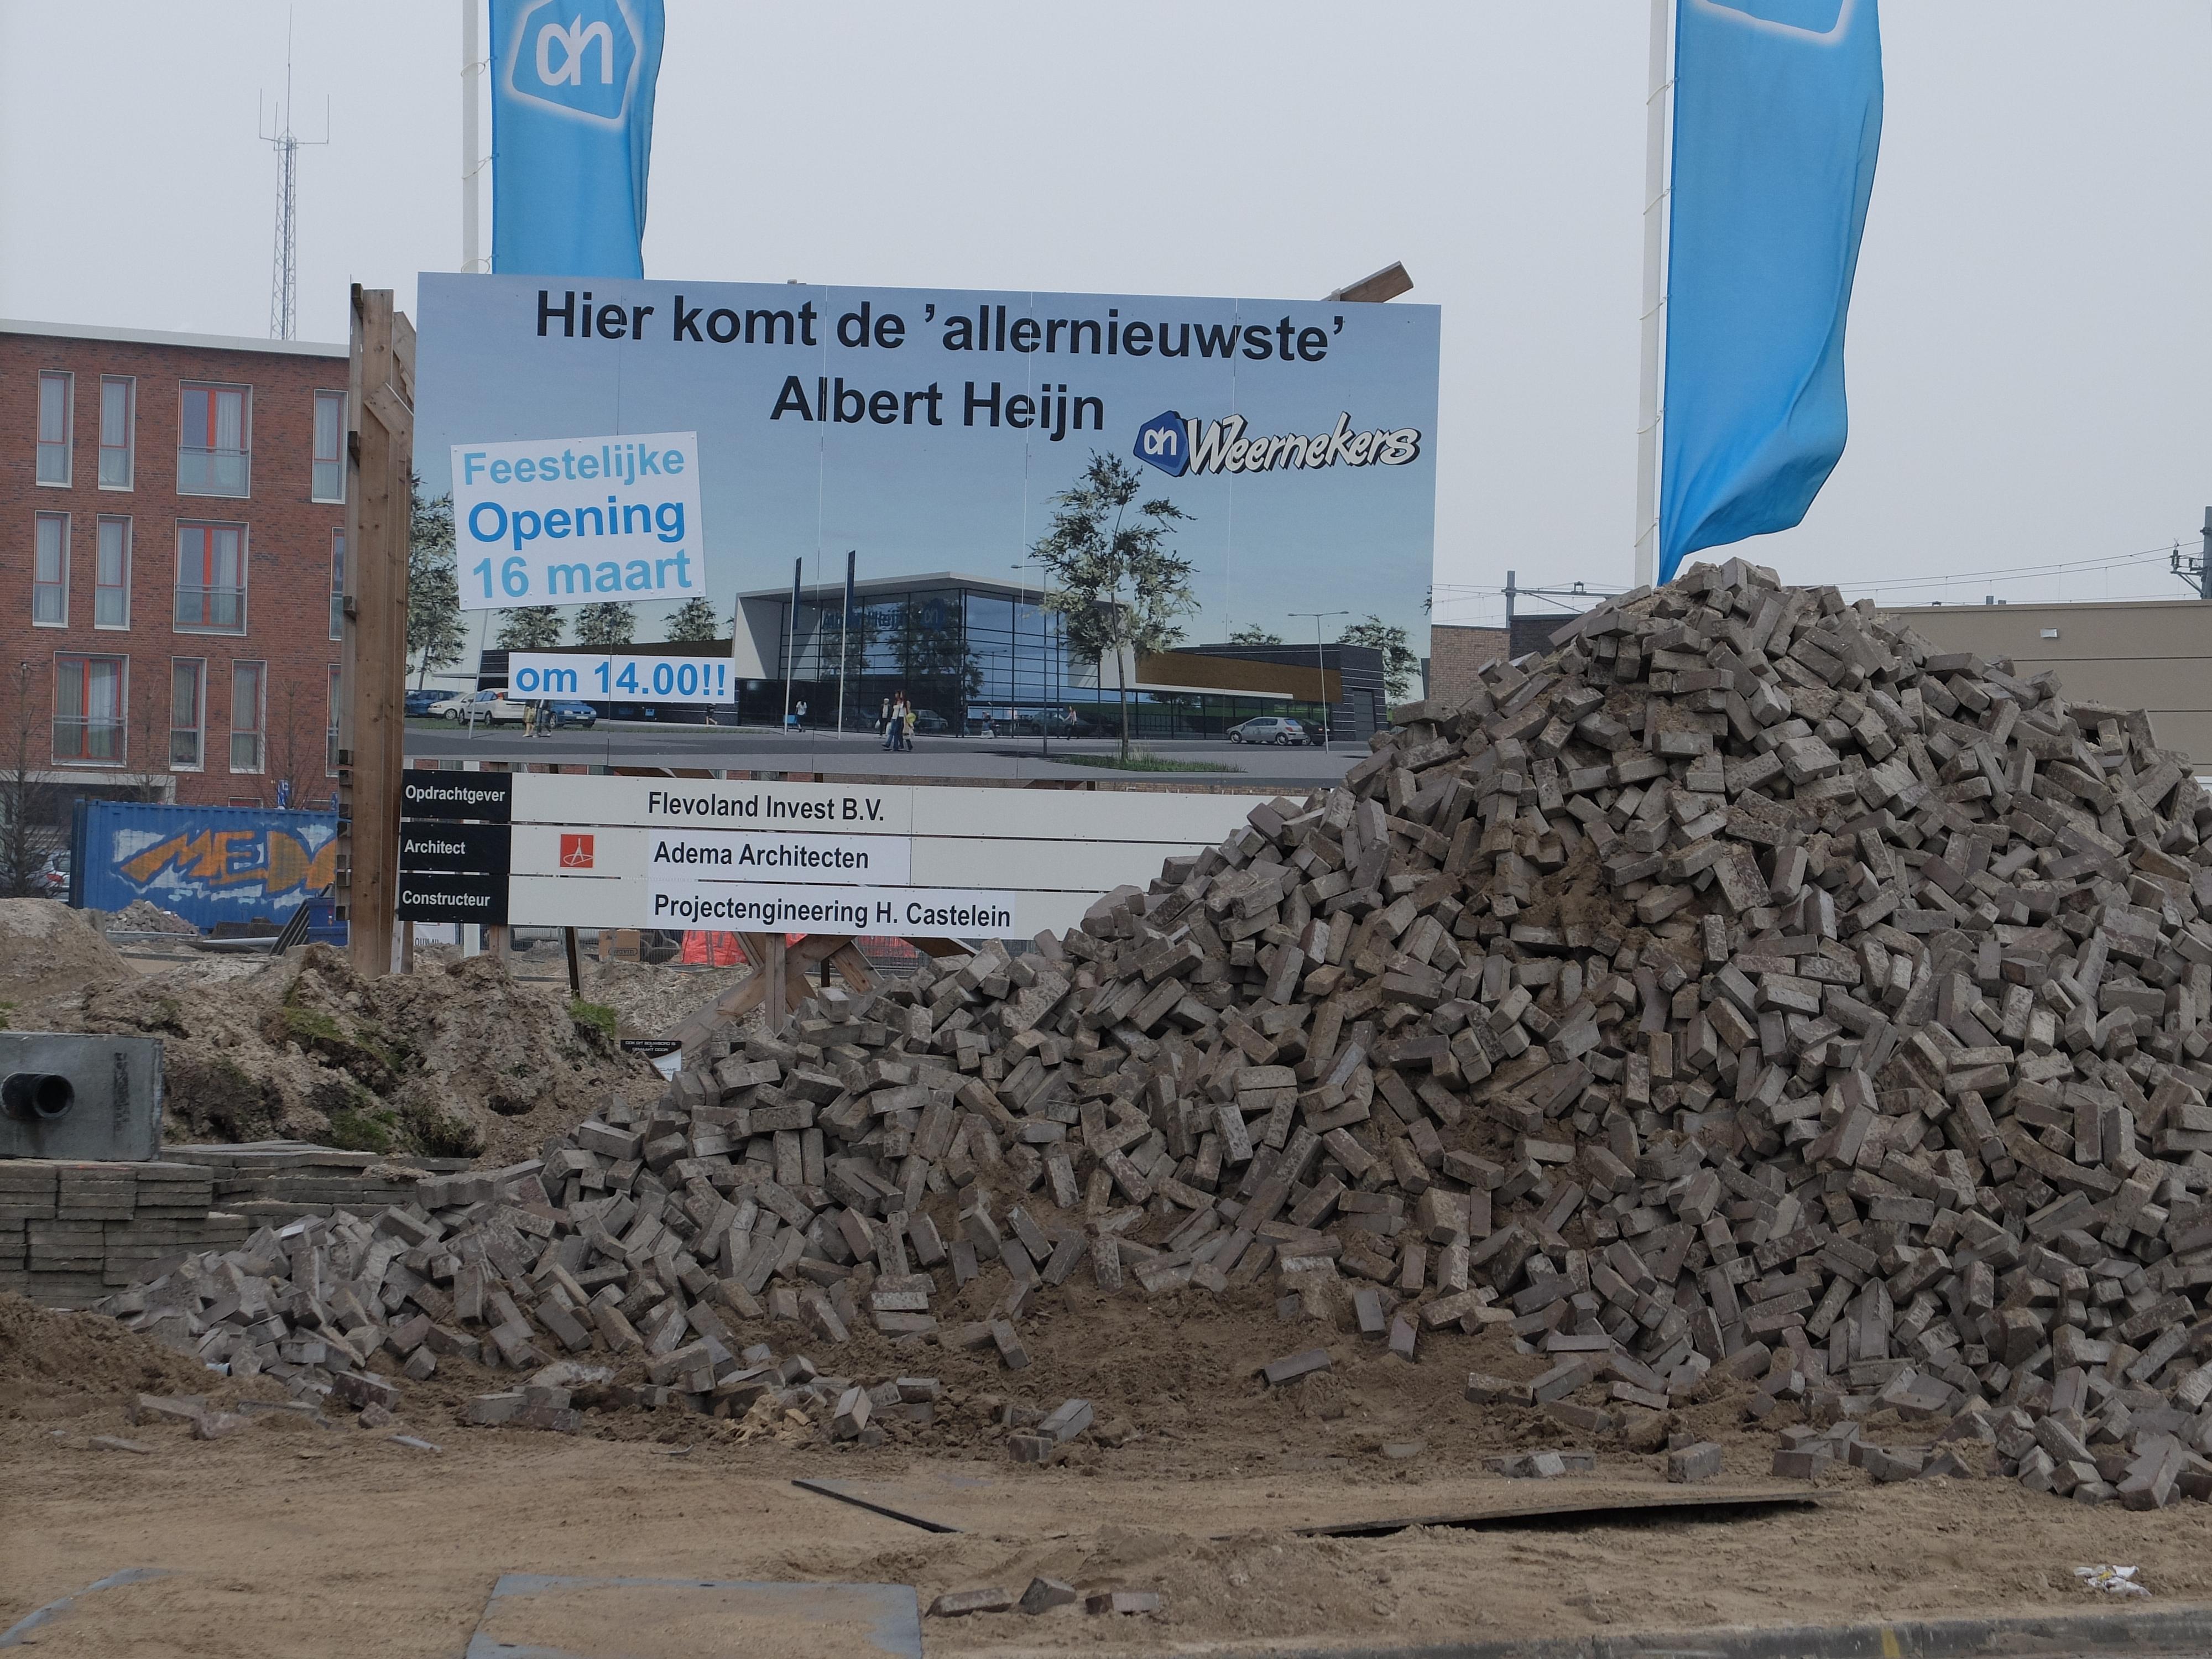 Albert Heijn Almere bouwen nieuwsbouw